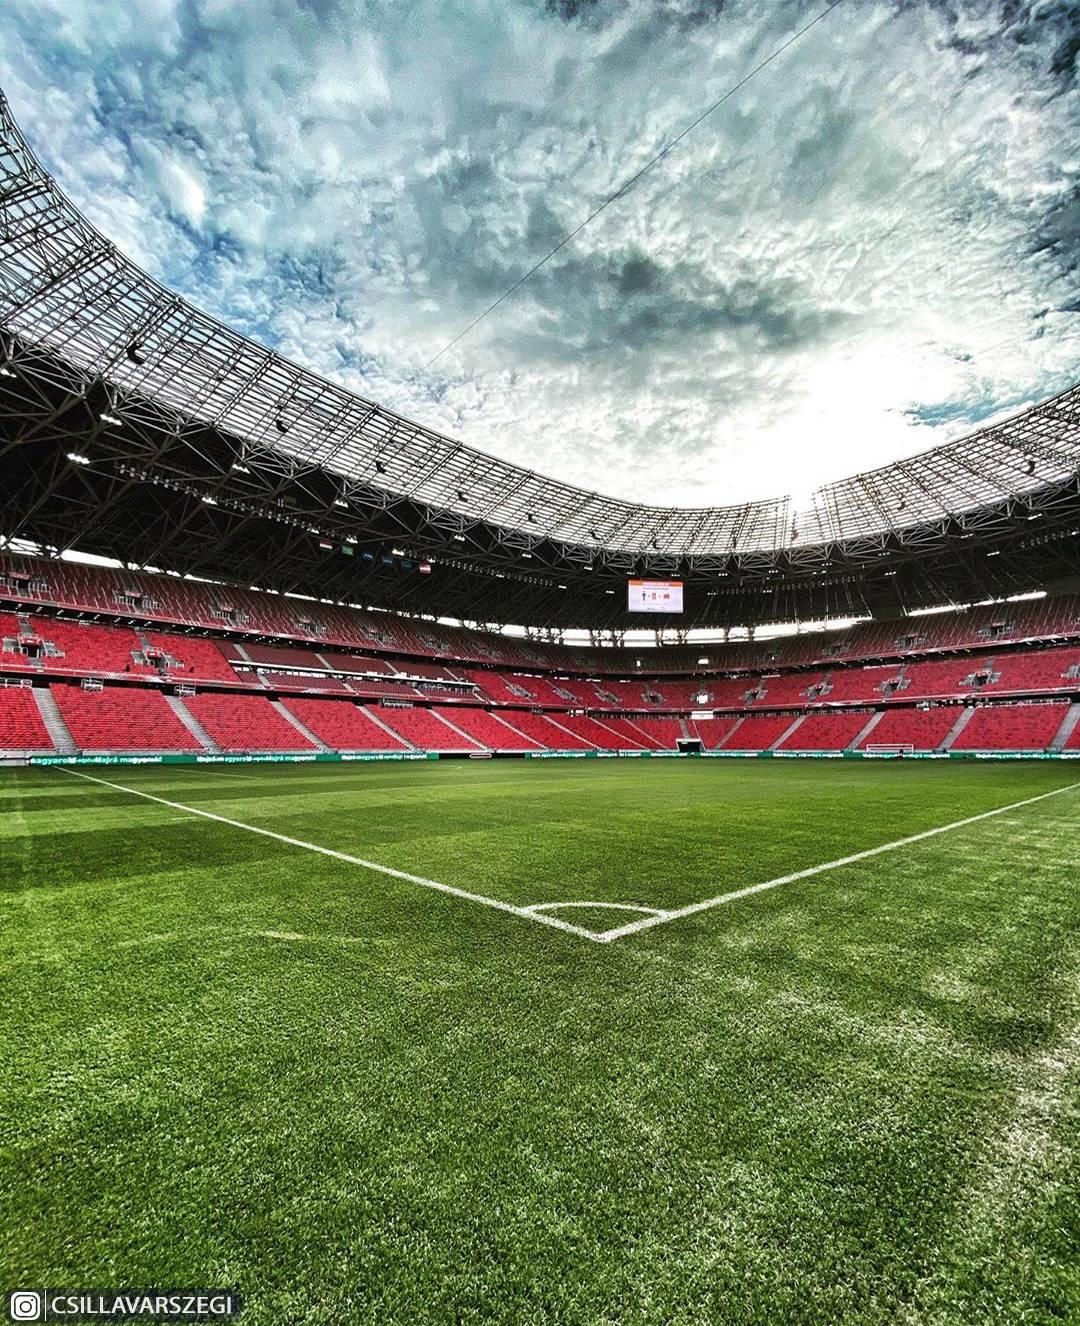 """Самый большой стадион севильи """"рамон санчес писхуан"""": история и особенности футбольной арены"""